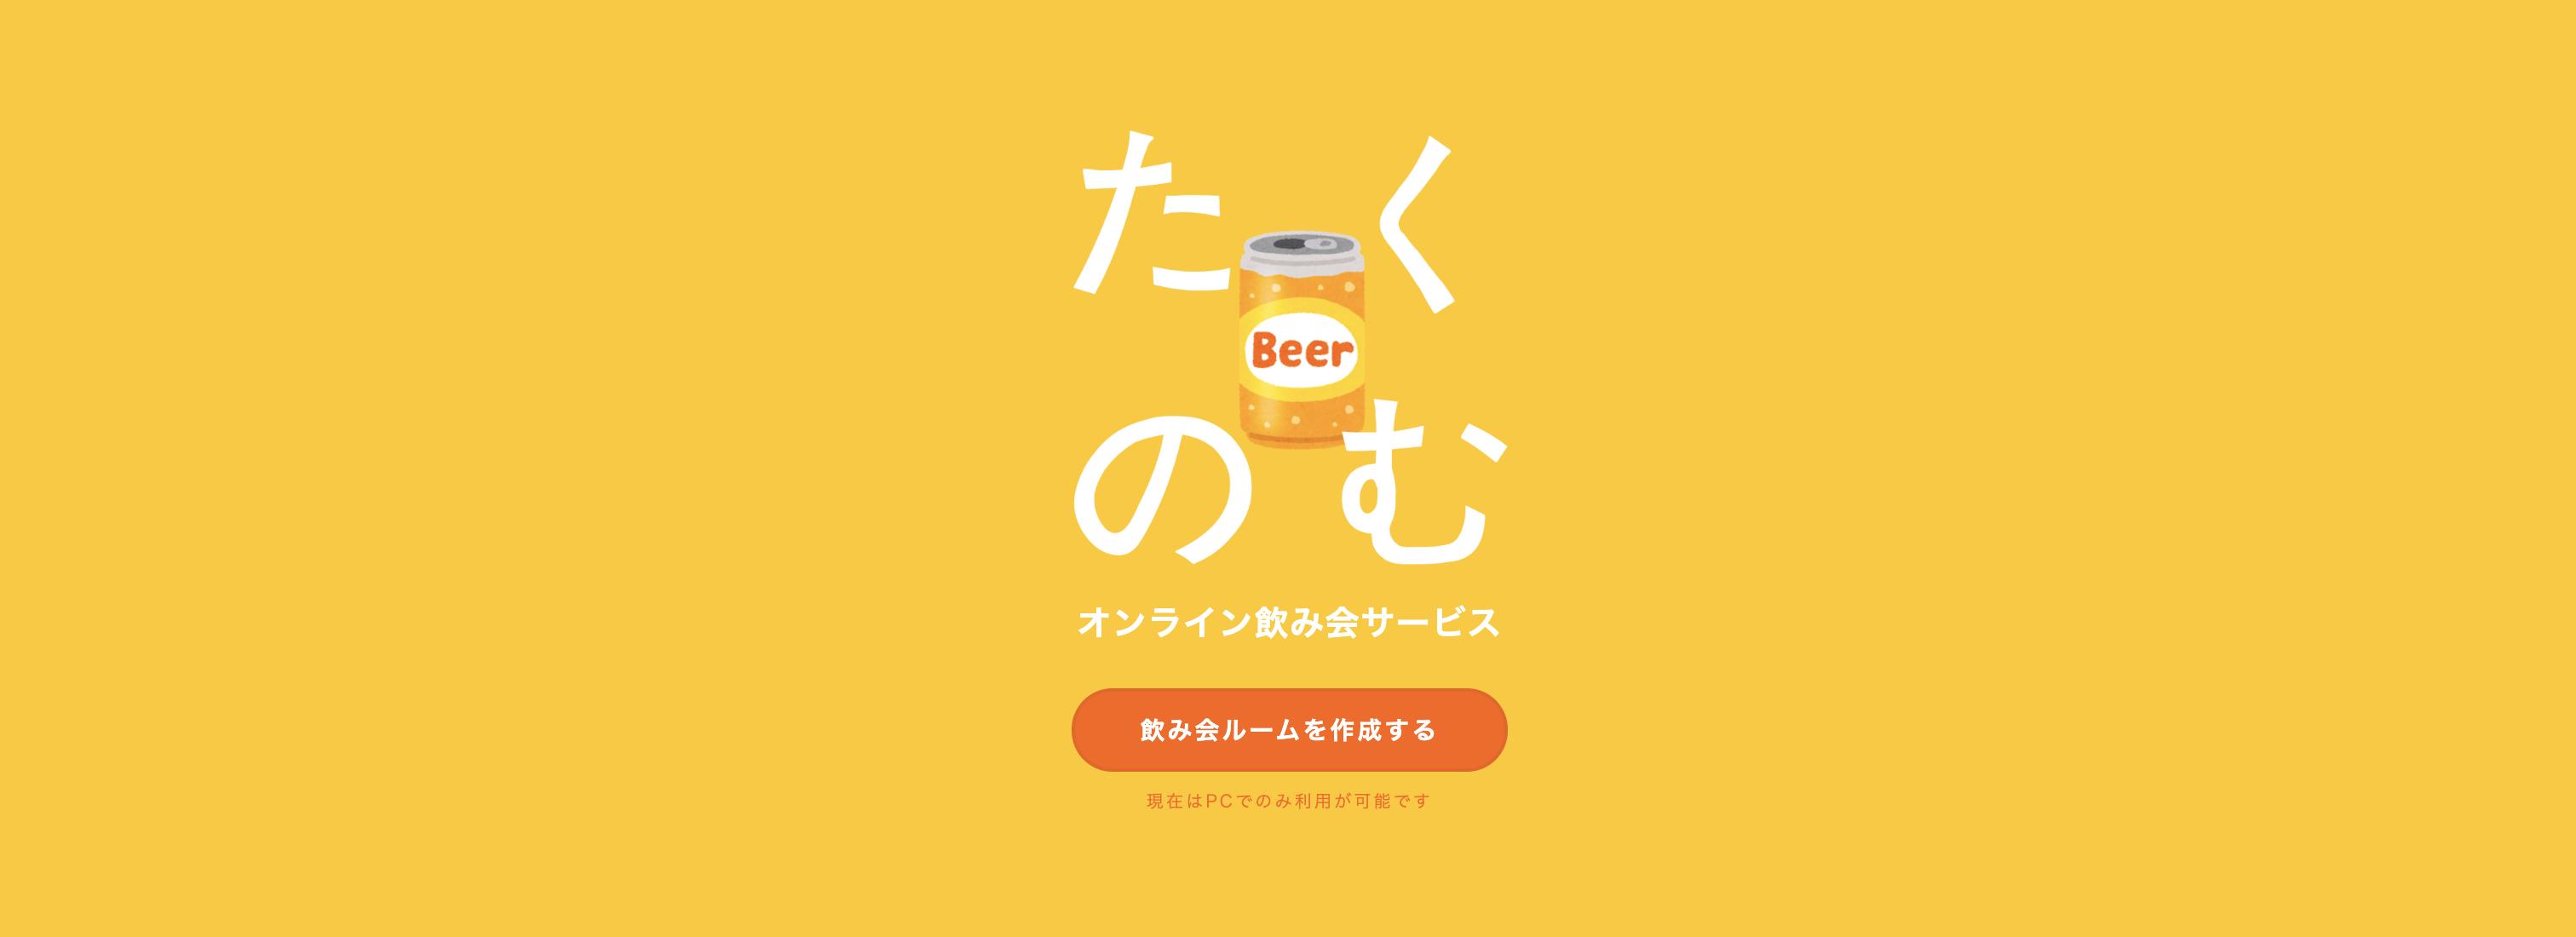 離れた場所にいても飲み会ができるオンライン飲み会ツール「たくのむ」をリリース 画像